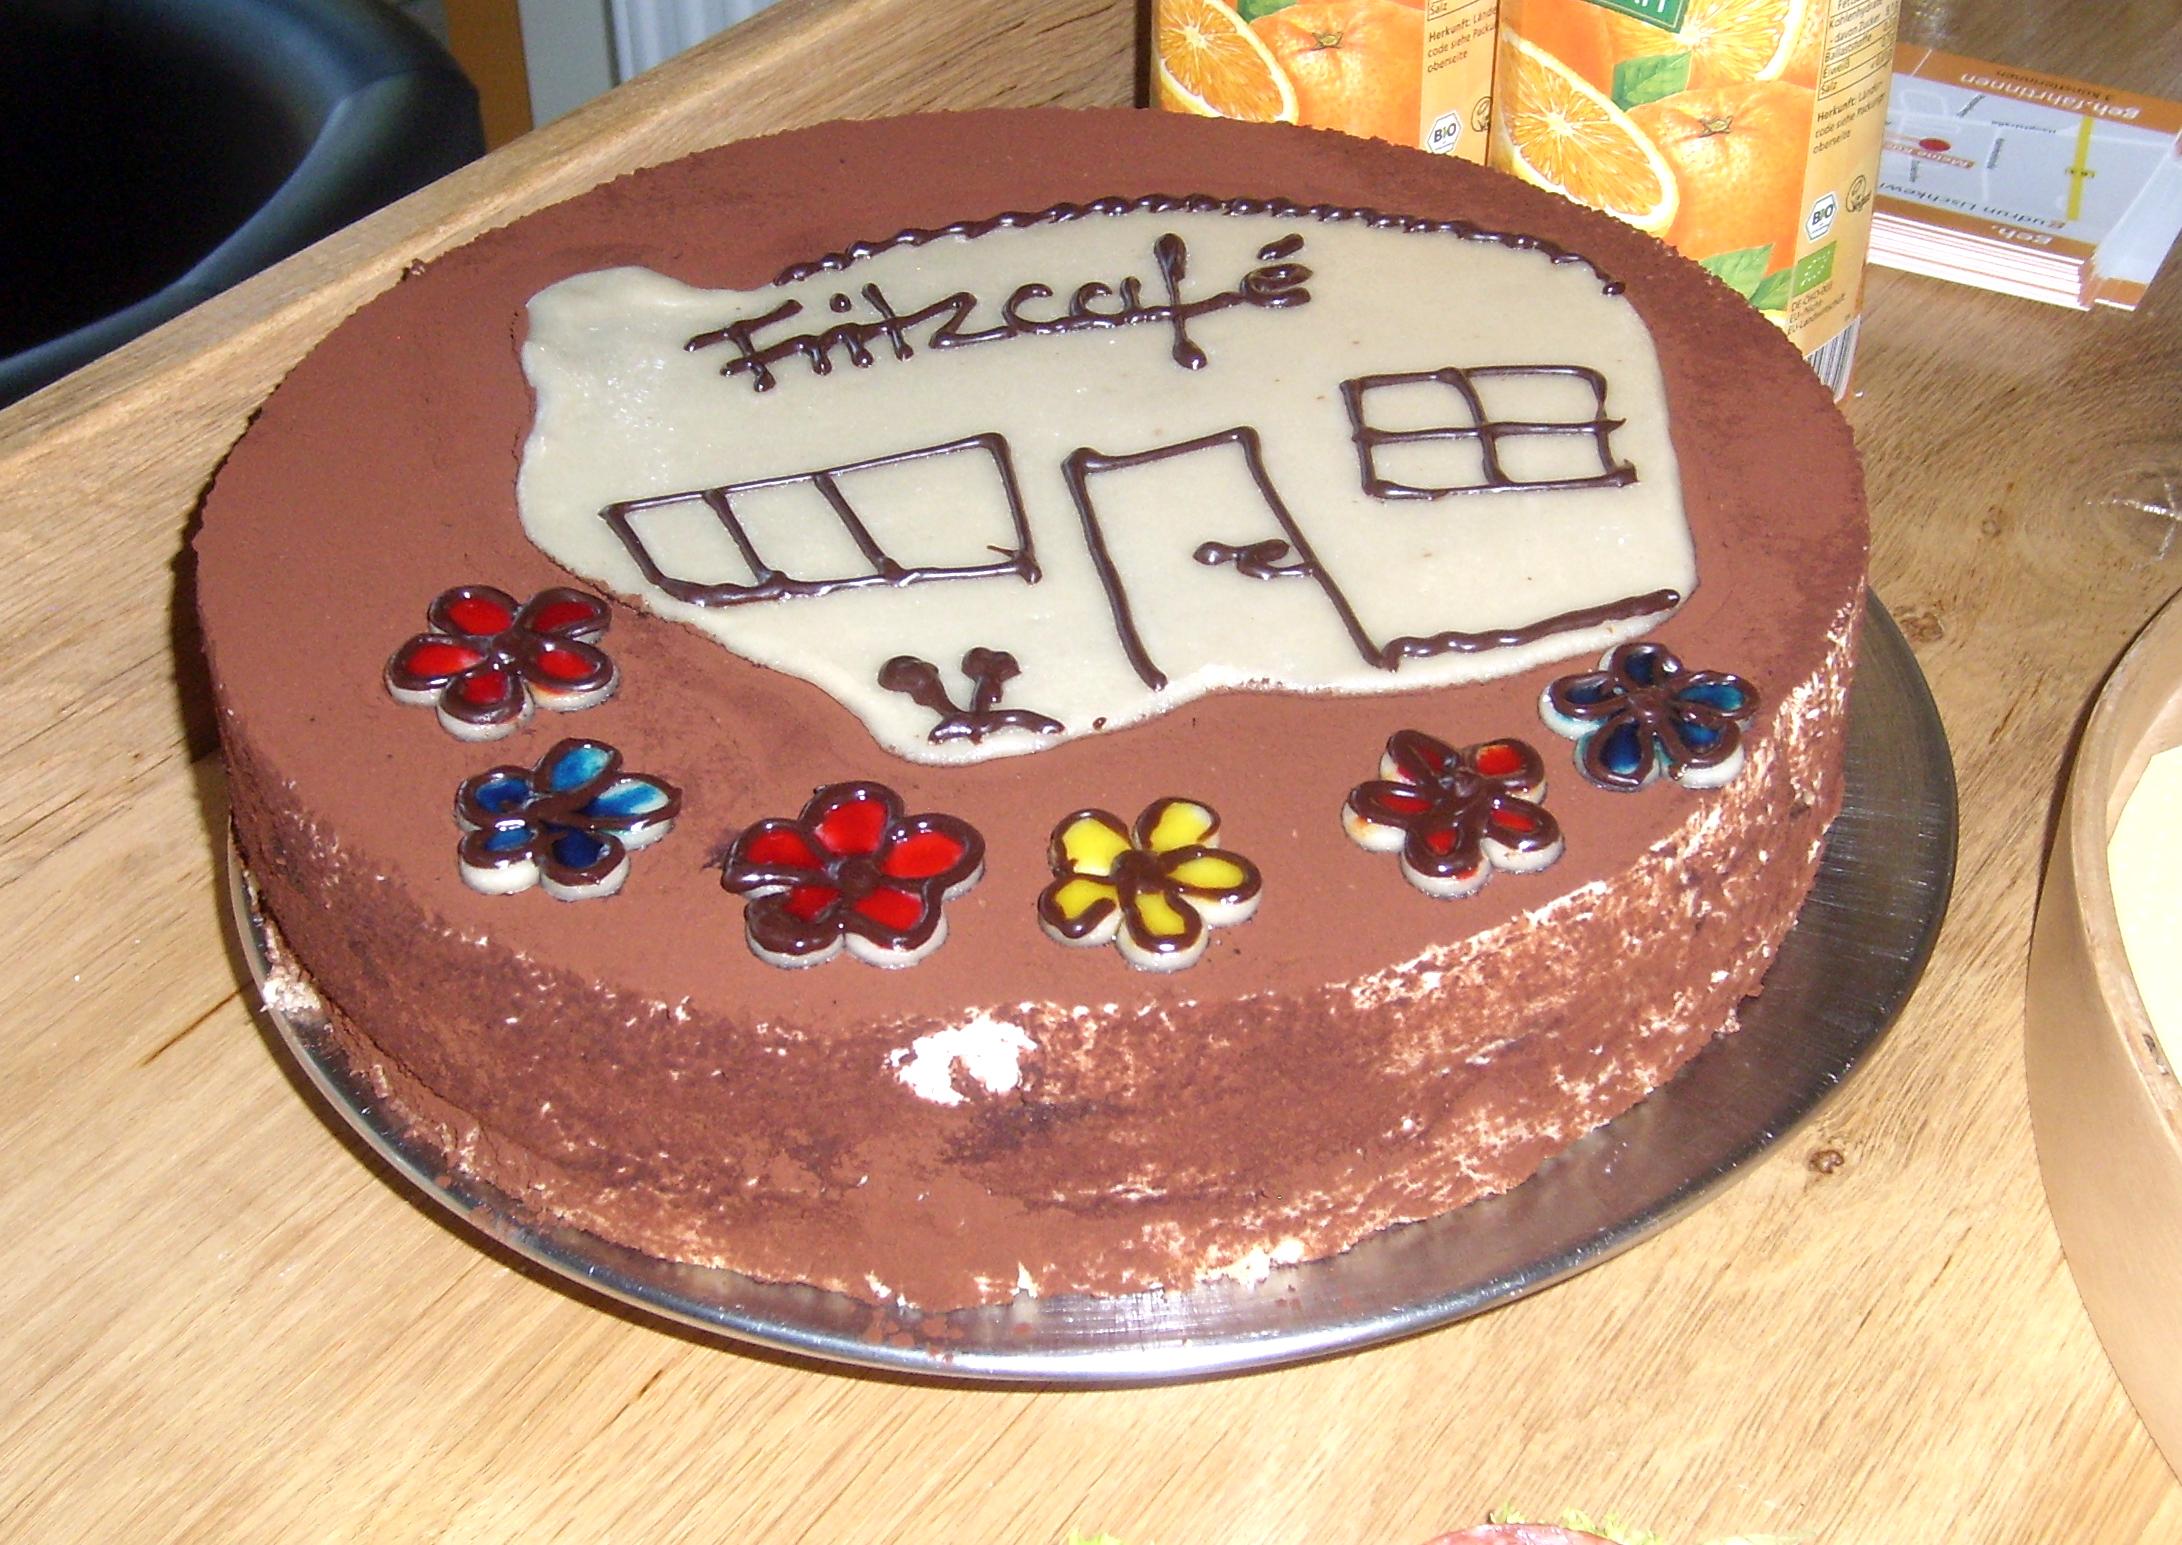 Torte im Fritzcafé